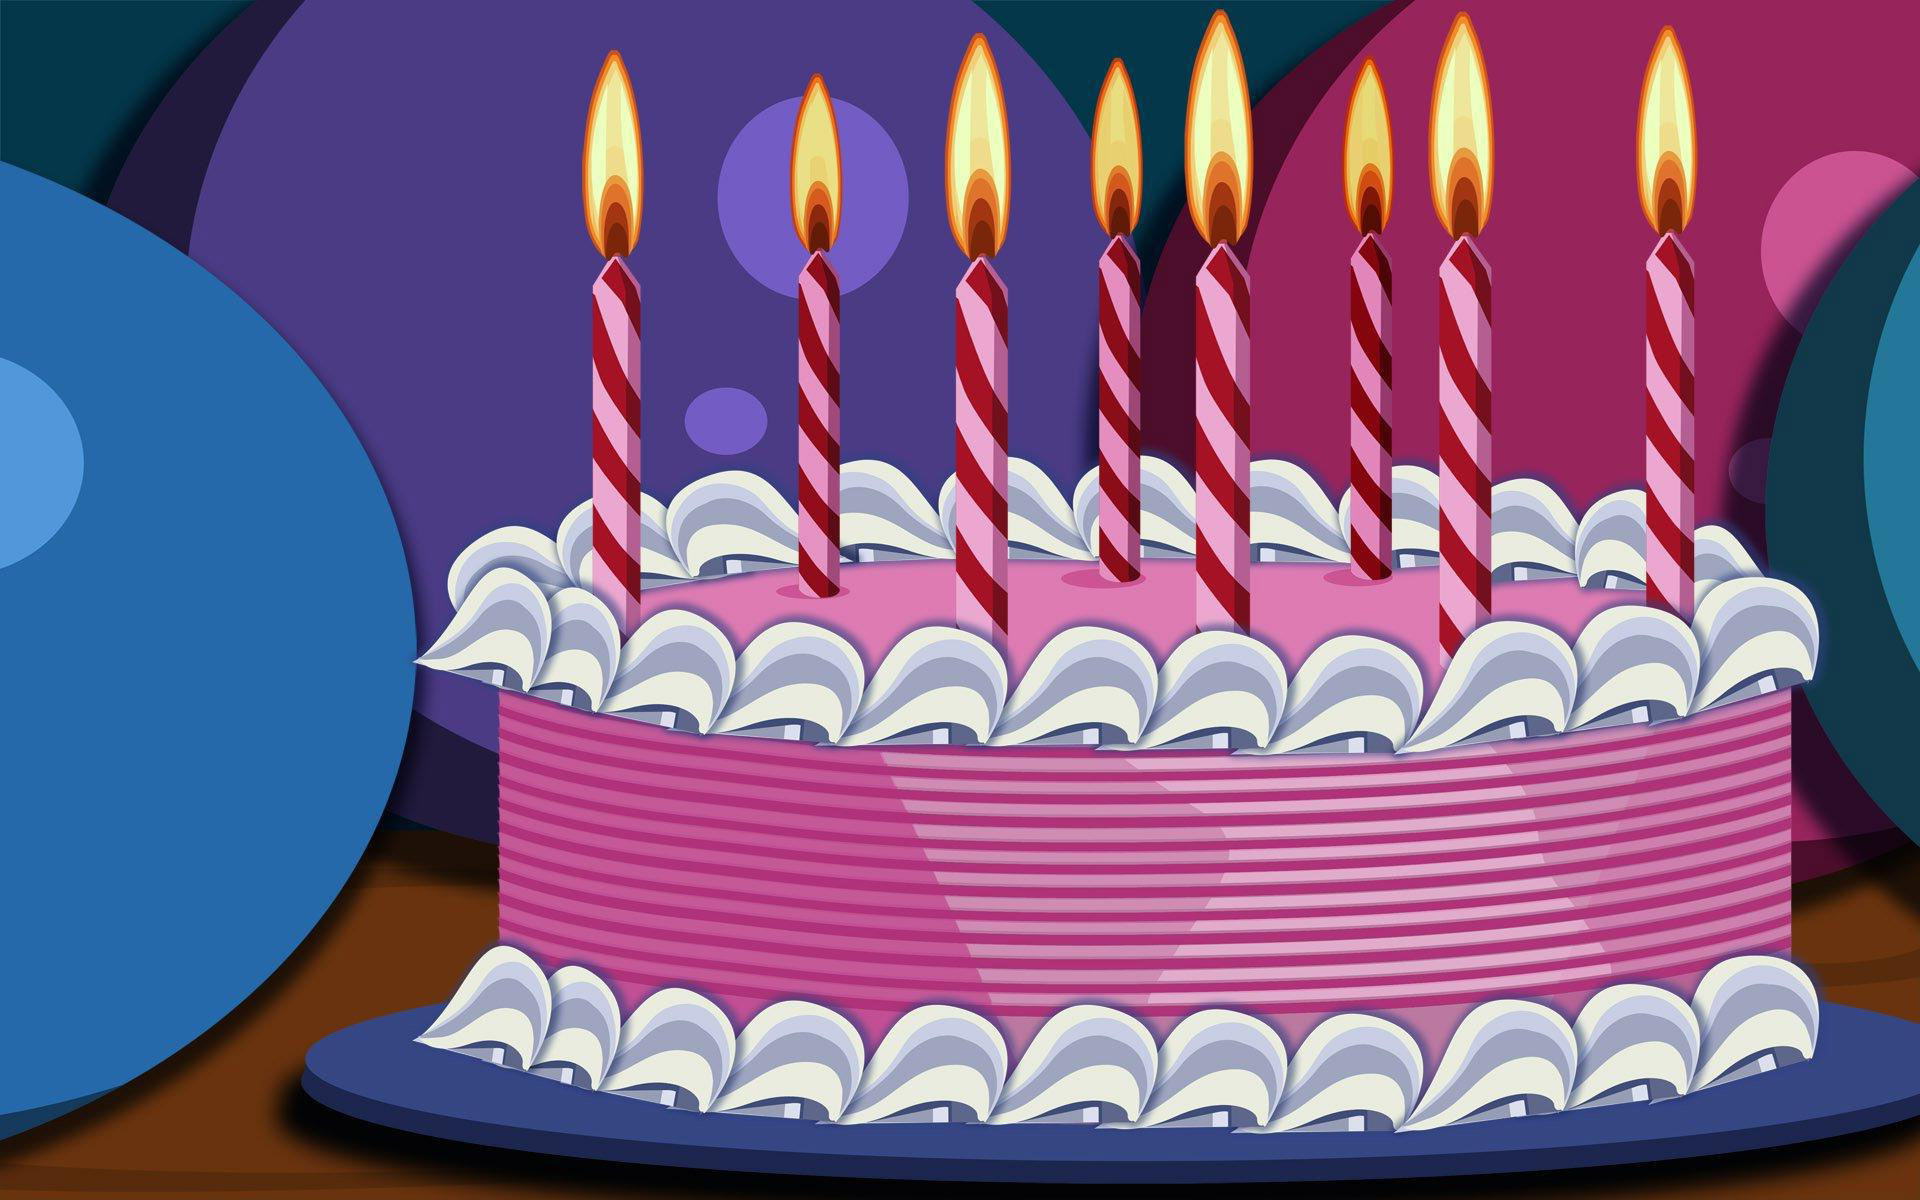 HDoboi.Kiev.ua - Нарисованный торт со свечами на День Рождения, birthday cake with candles